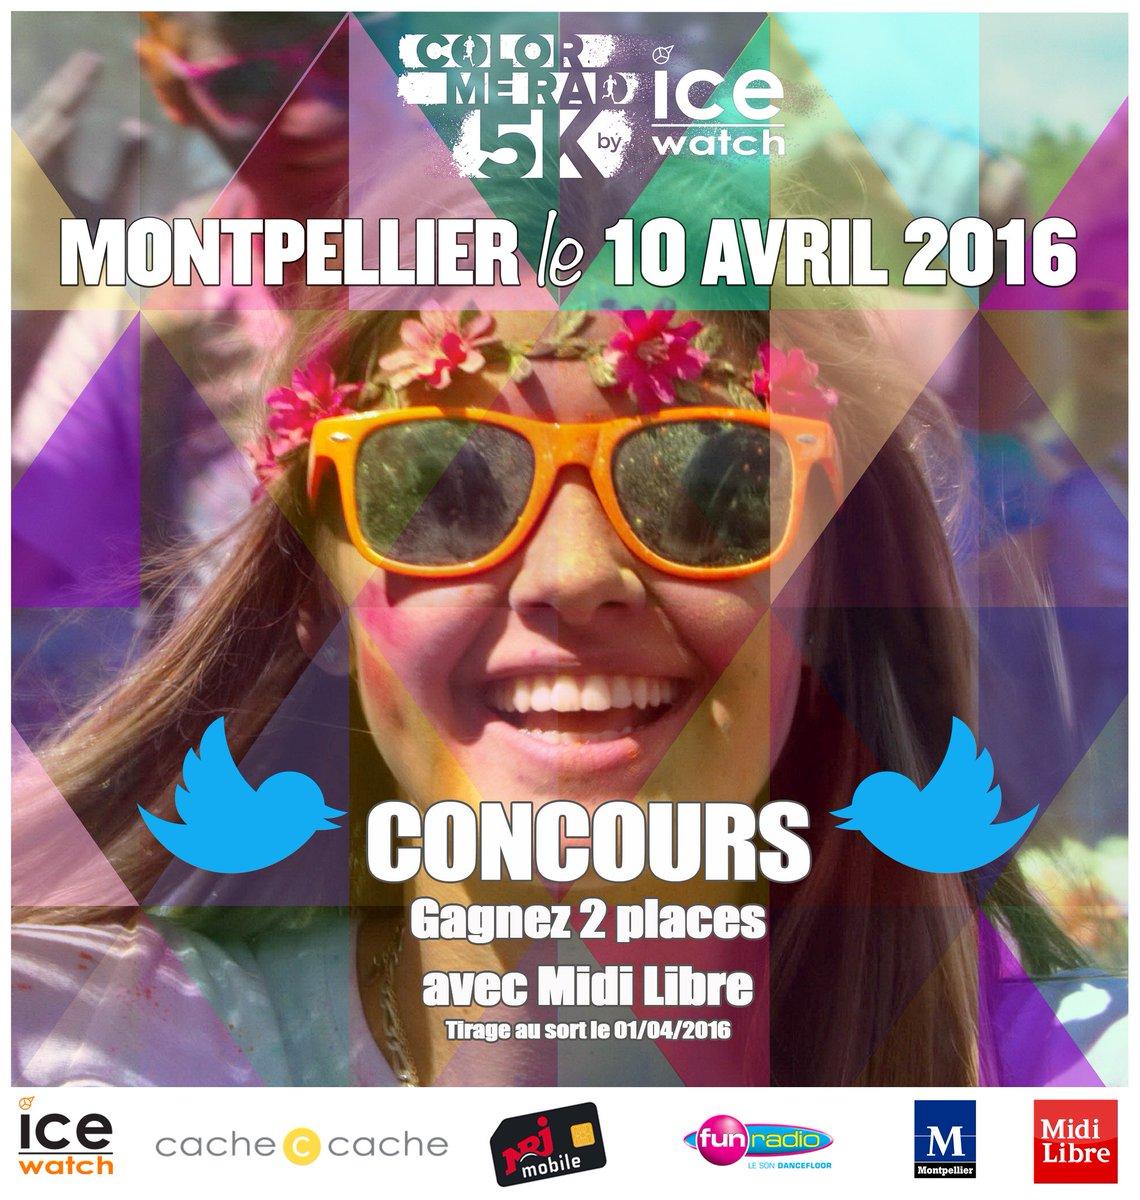 #CONCOURS A gagner 2 places pour la Color Me Rad